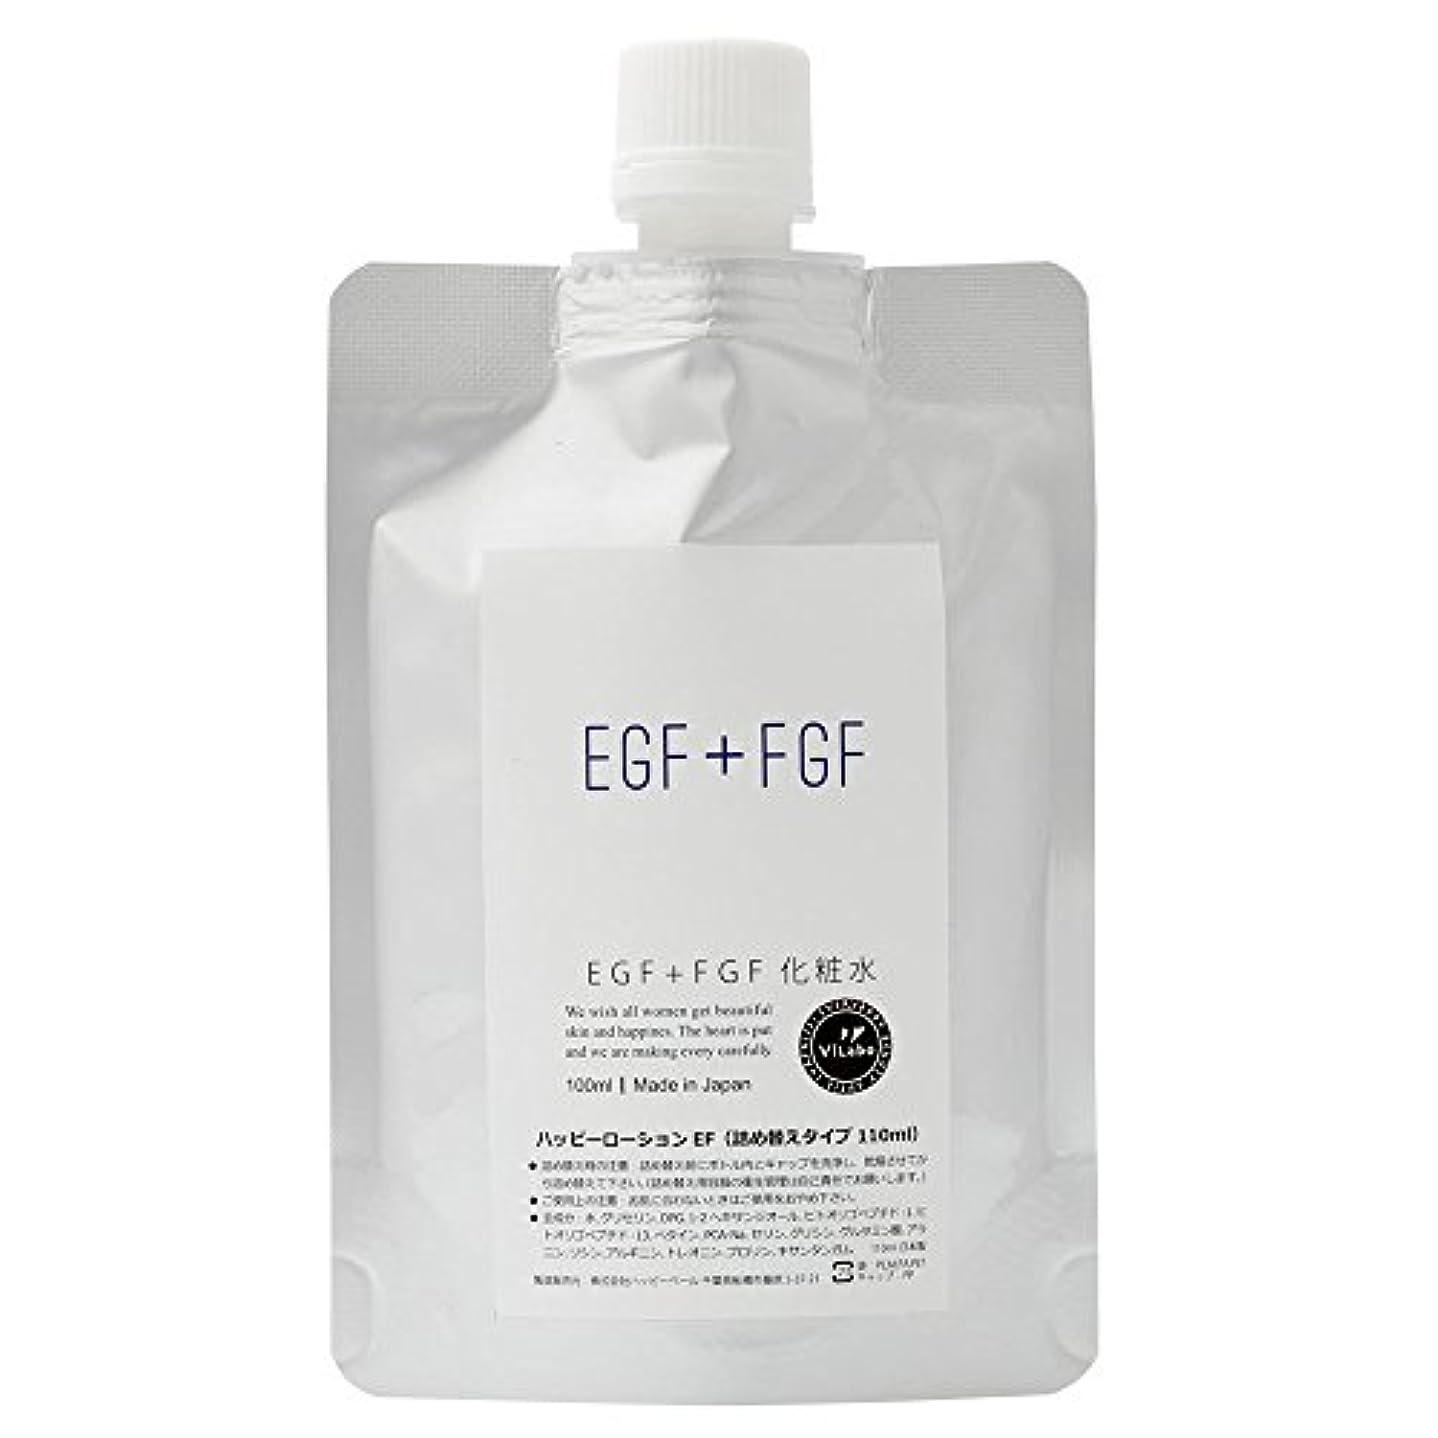 格納保守可能お世話になったEGF+FGF化粧水-天然温泉水+高級美容成分の浸透型化粧水-品名:ハッピーローションEF ノンパラベン、アルコール、フェノキシエタノール、石油系合成界面活性剤無添加 (詰め替えパウチ110ml)